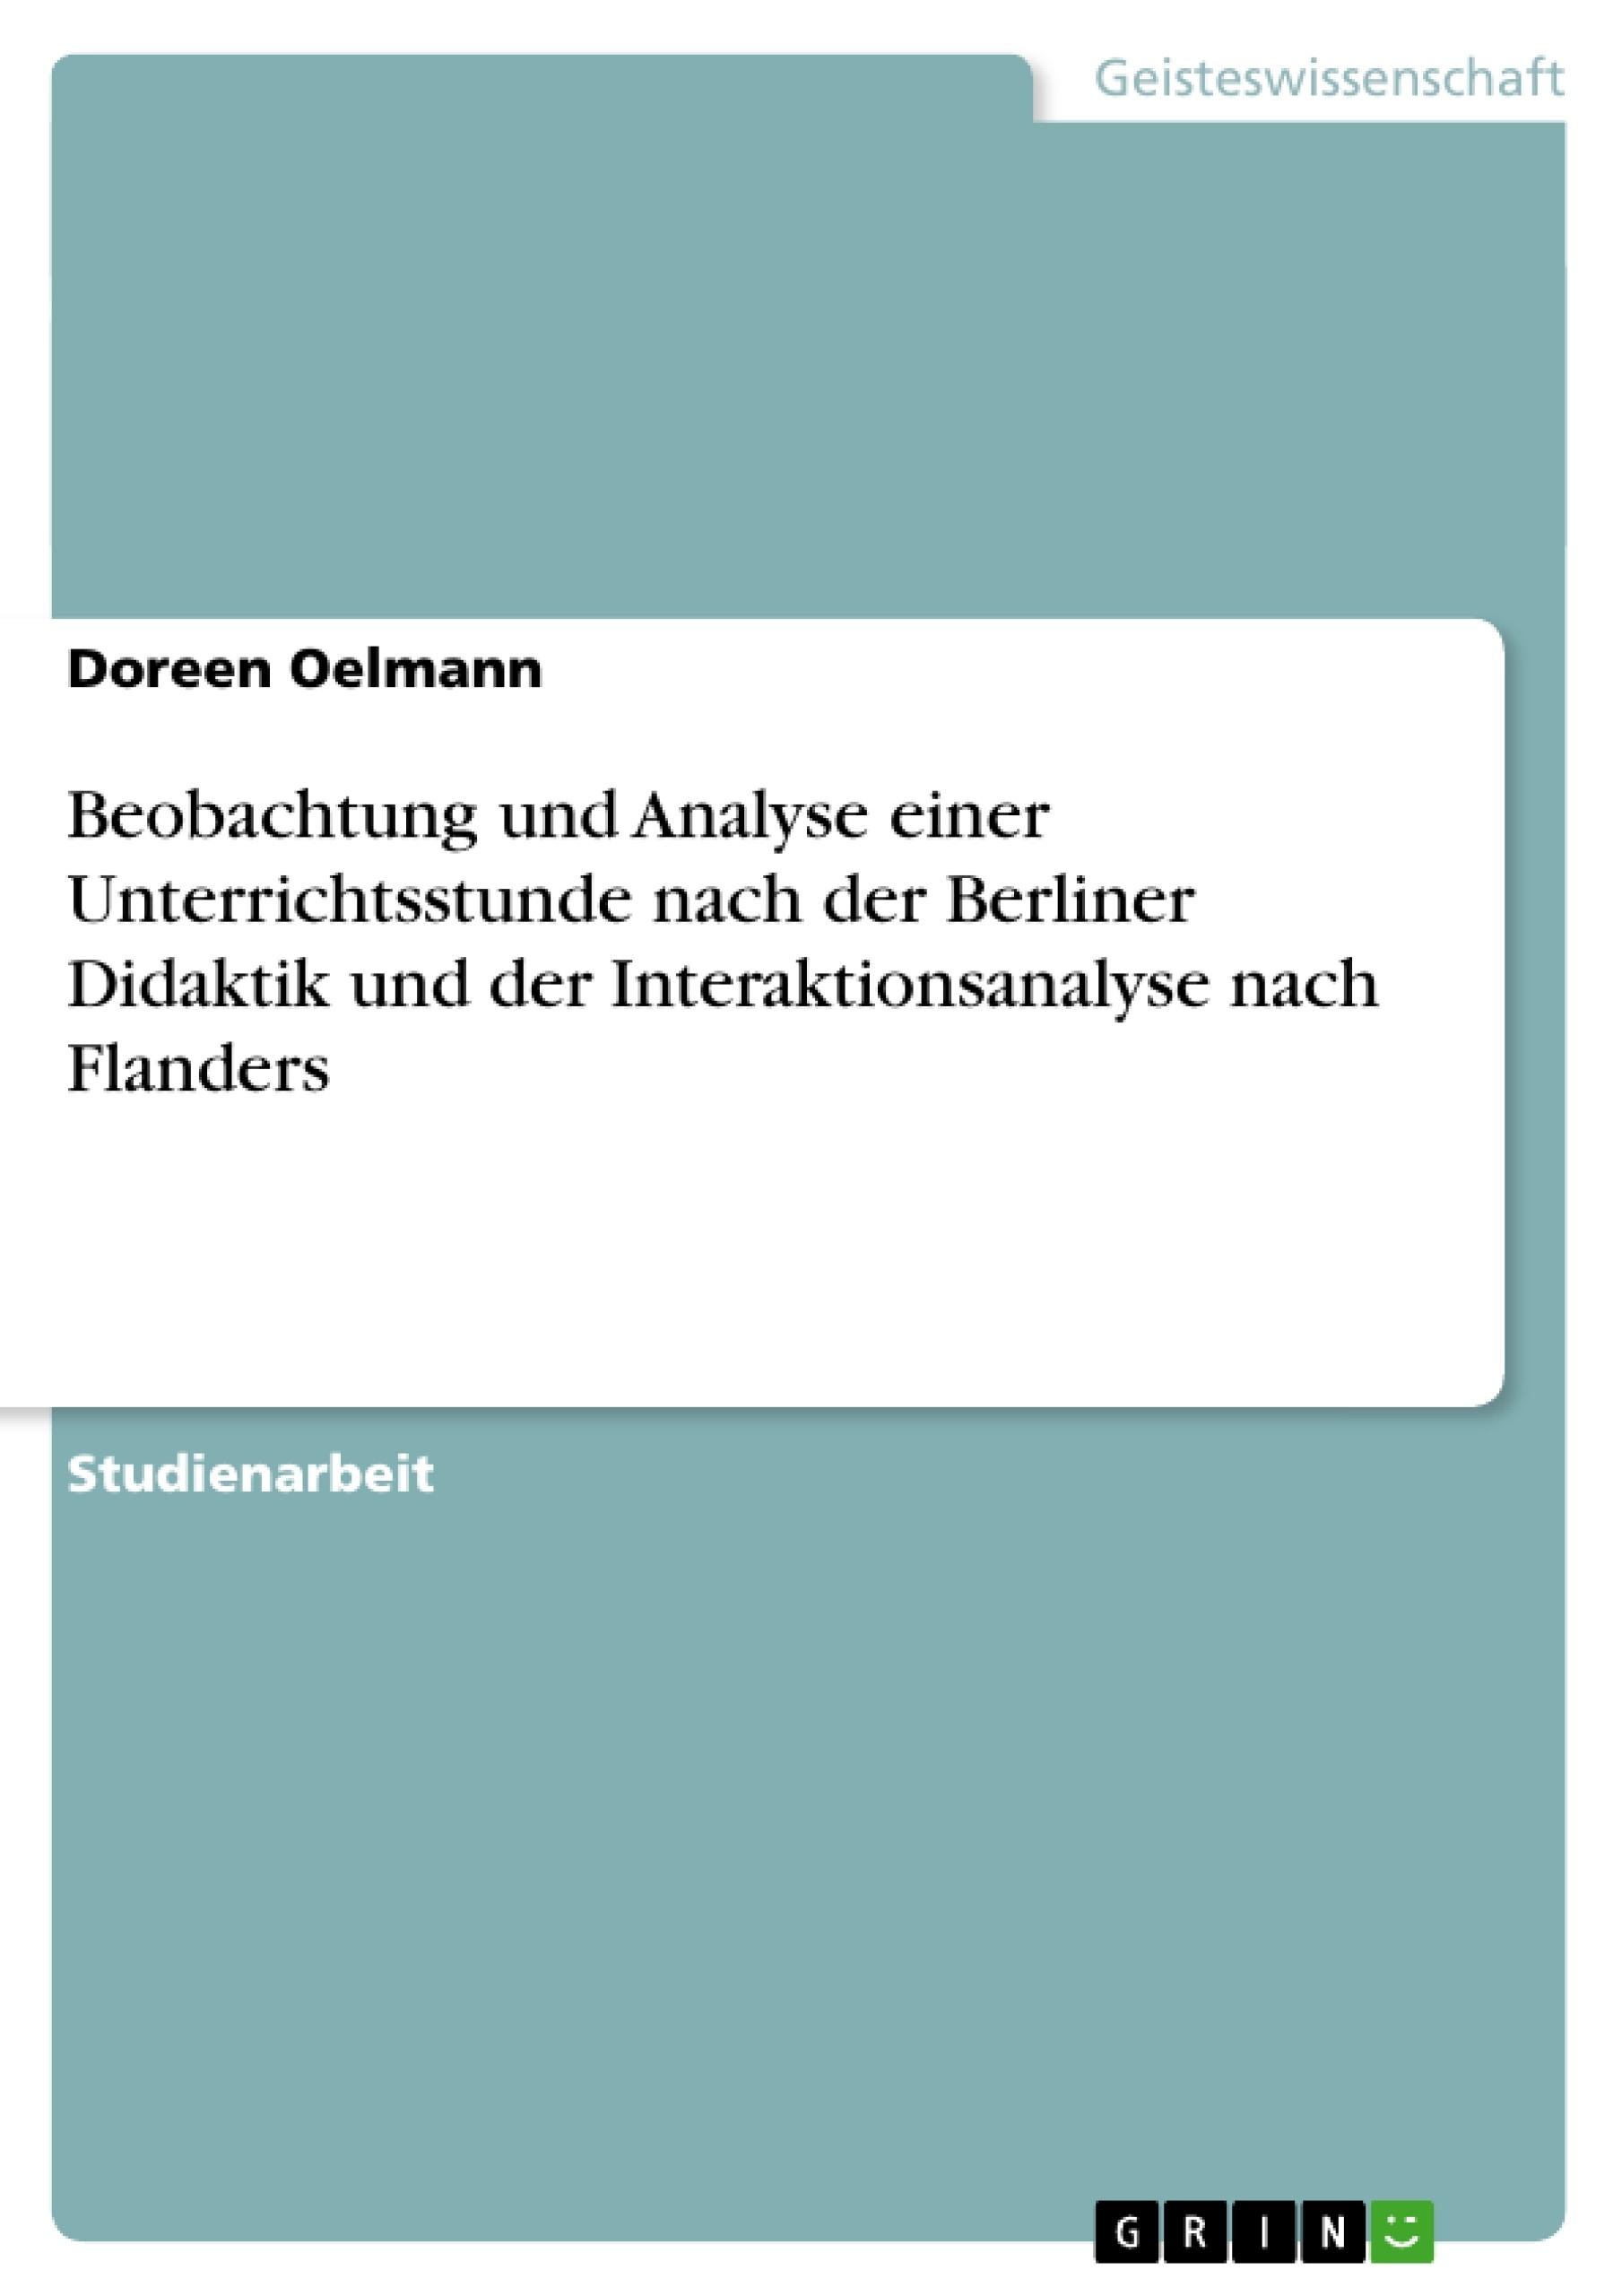 Titel: Beobachtung und Analyse einer Unterrichtsstunde nach der Berliner Didaktik und der Interaktionsanalyse nach Flanders